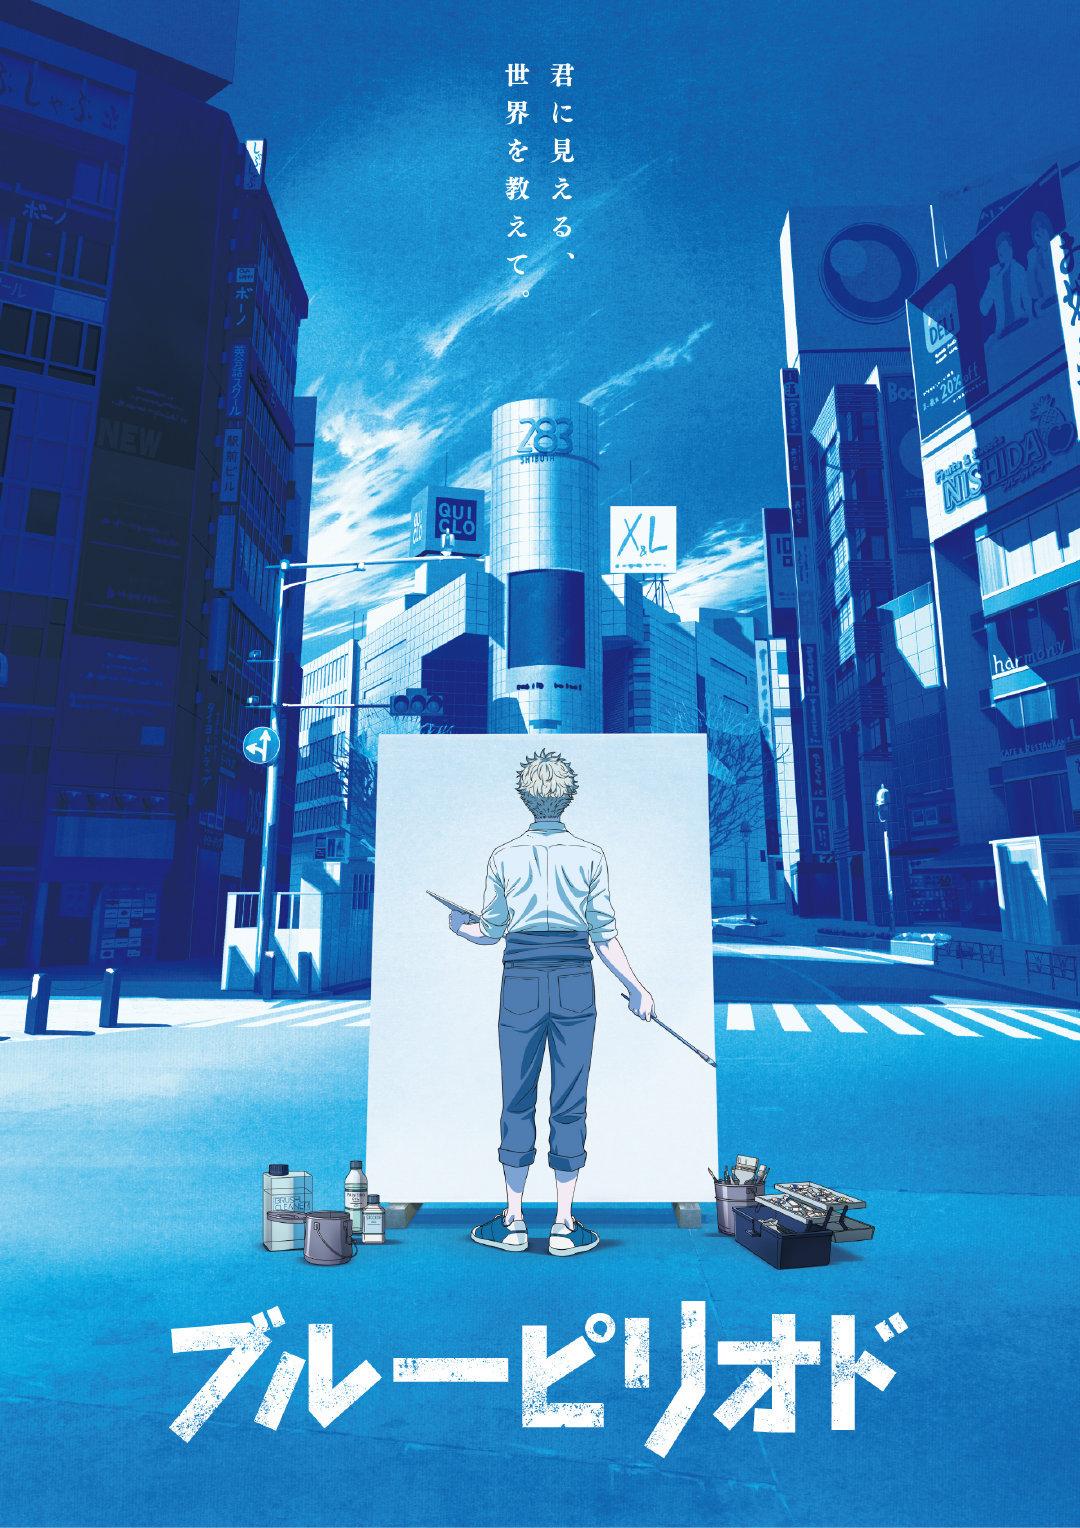 【动漫情报】TV动画《蓝色时期》先导视觉绘解禁、2021年放送!